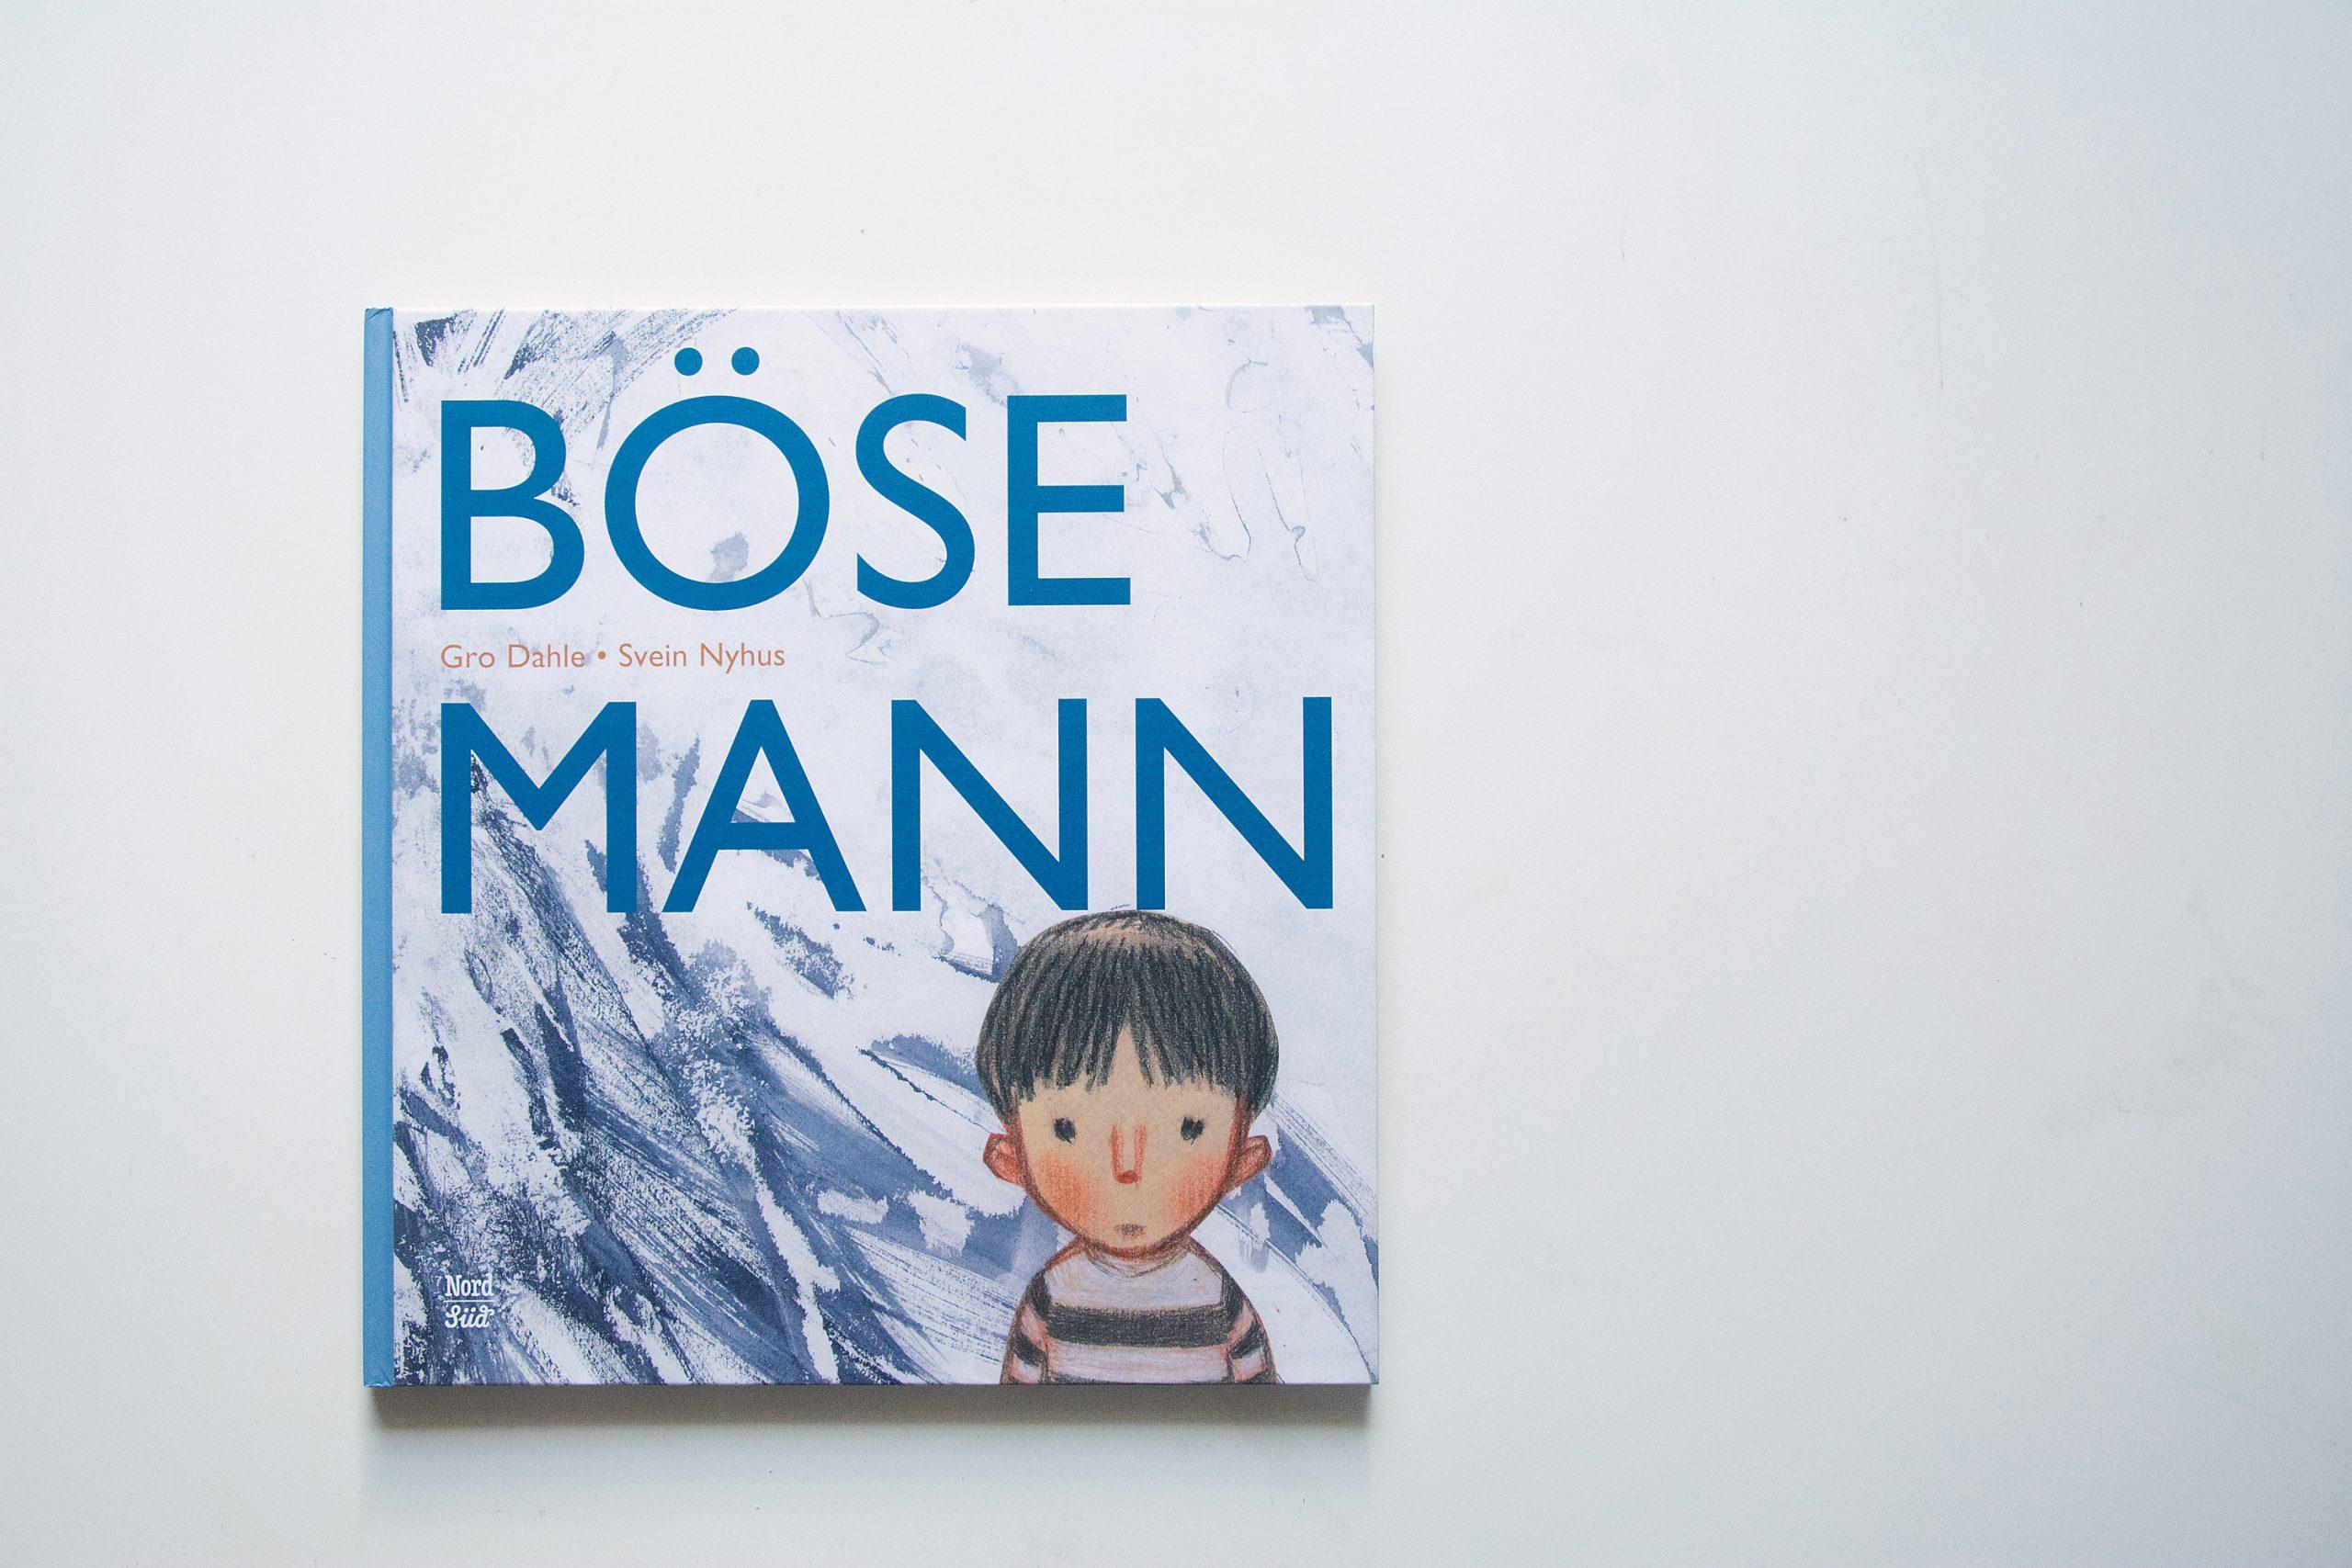 Herzensbücher #1:  »Bösemann«  von Gro Dahle und Svein Nyhus